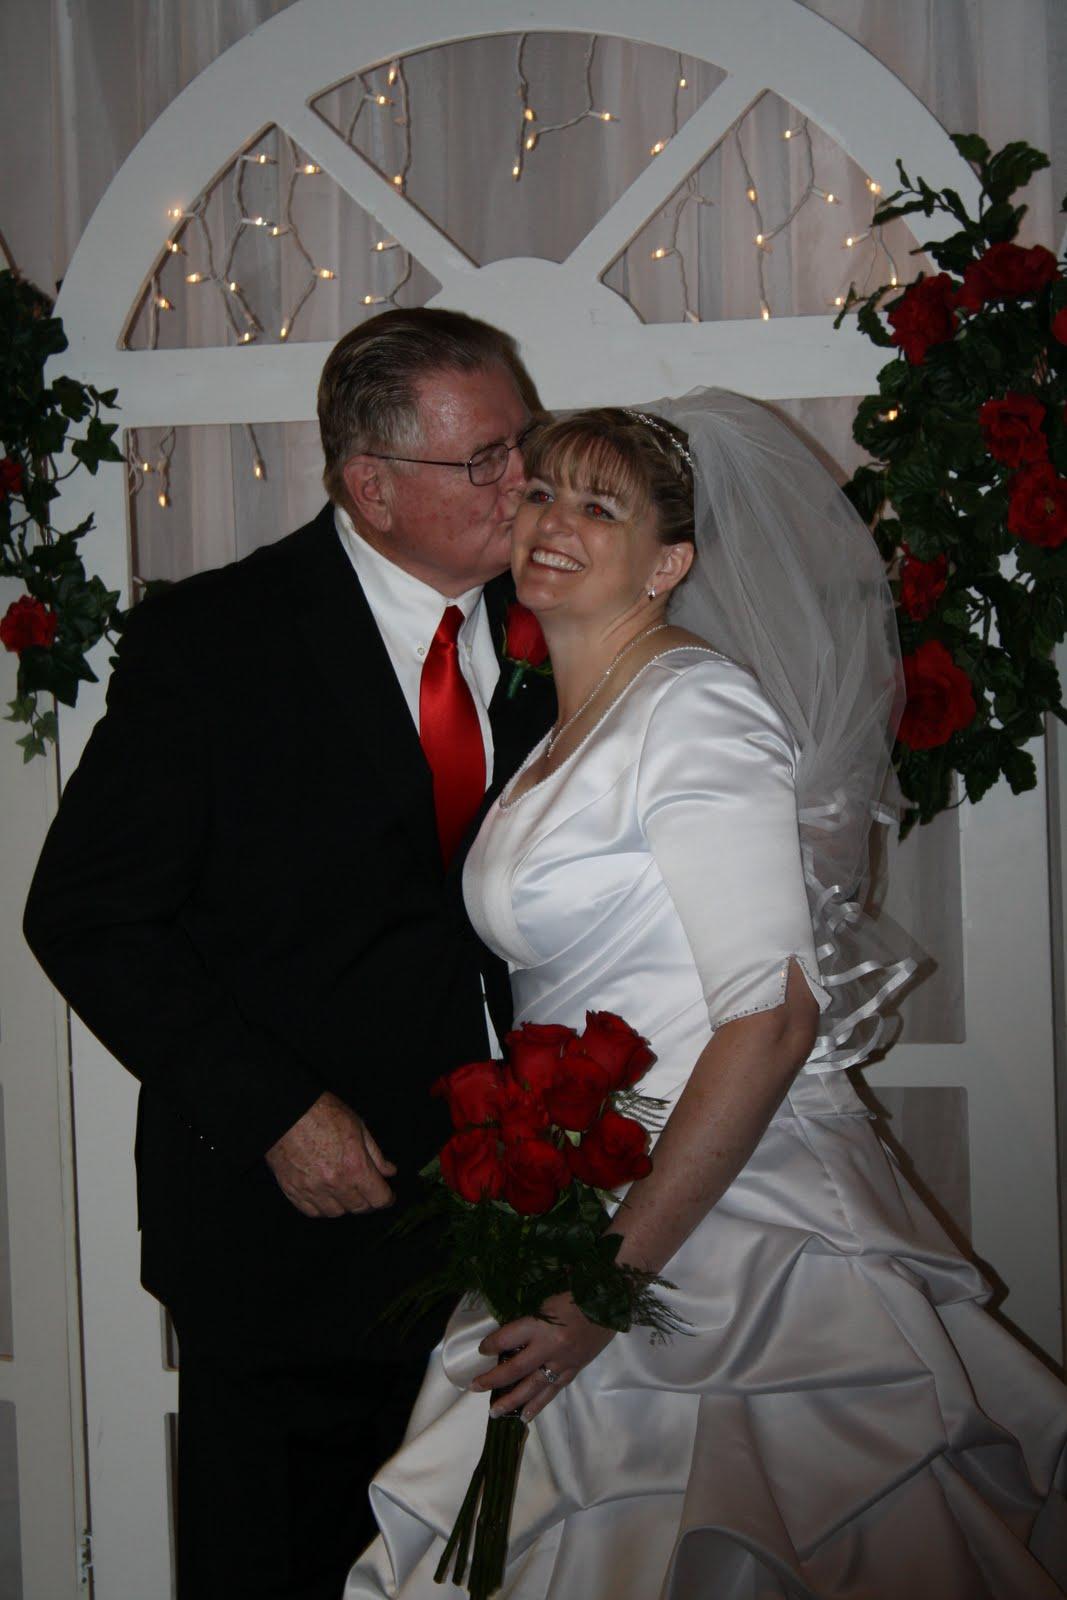 http://4.bp.blogspot.com/_iN8nY_Avlk0/TBaovroBqBI/AAAAAAAAAQY/h1DTdV2mPoU/s1600/wedding+341.jpg